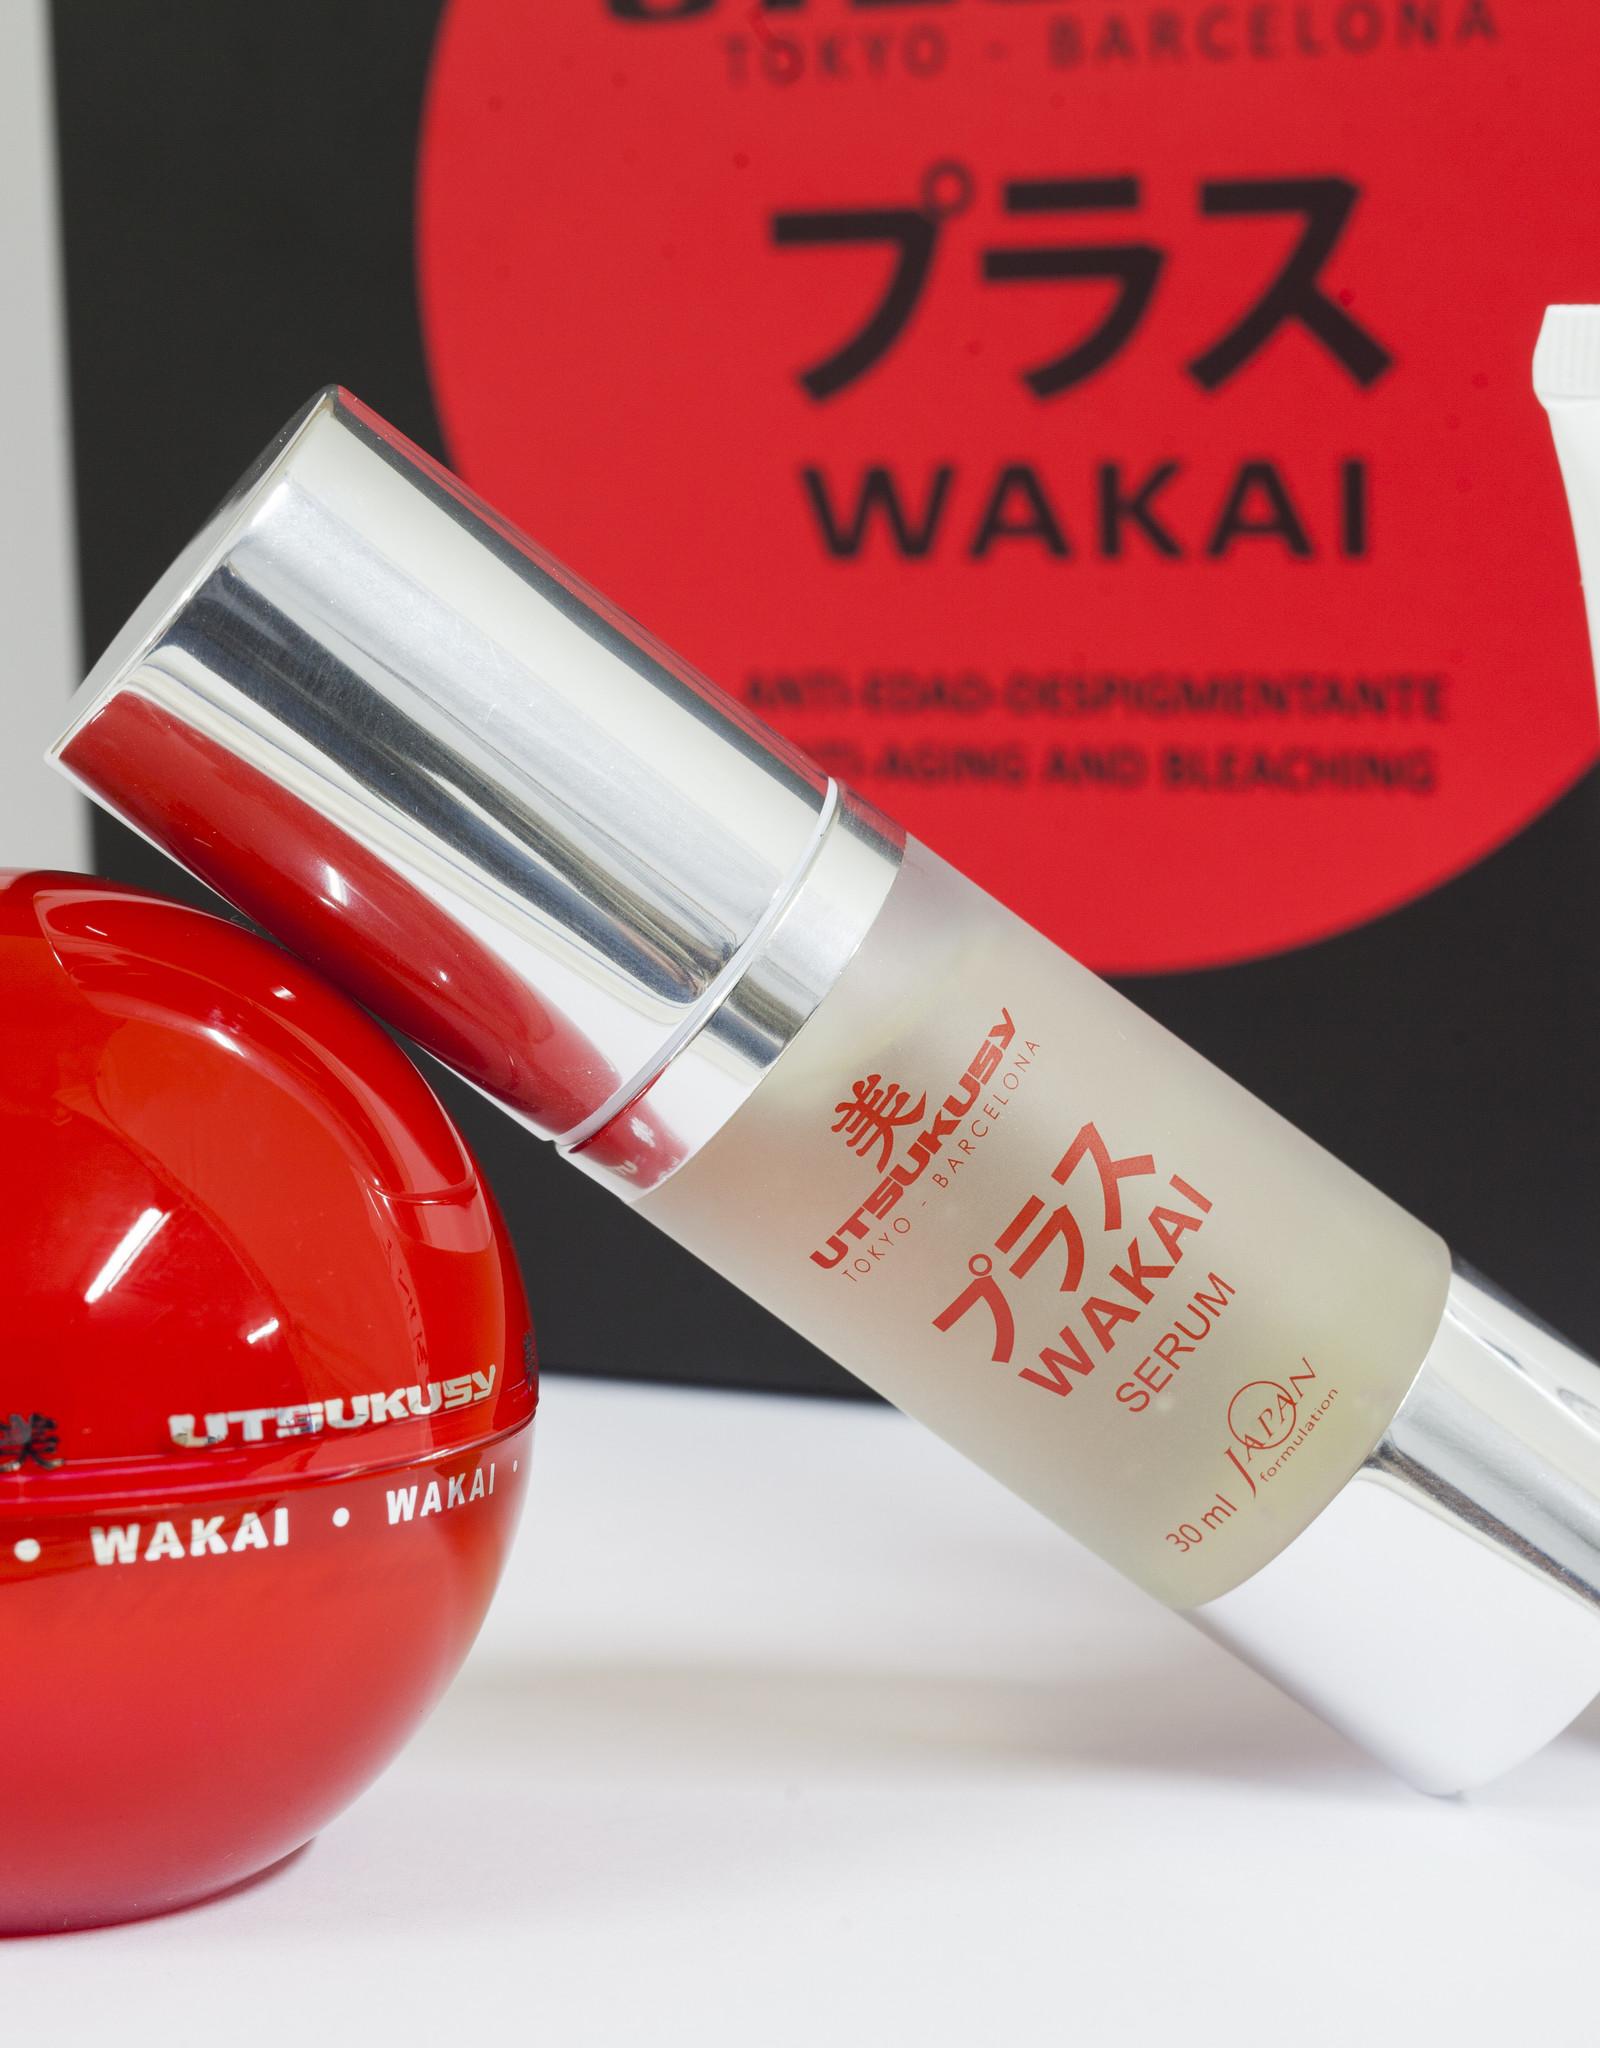 Utsukusy Wakai box tegen pimentvlekken en rimpels